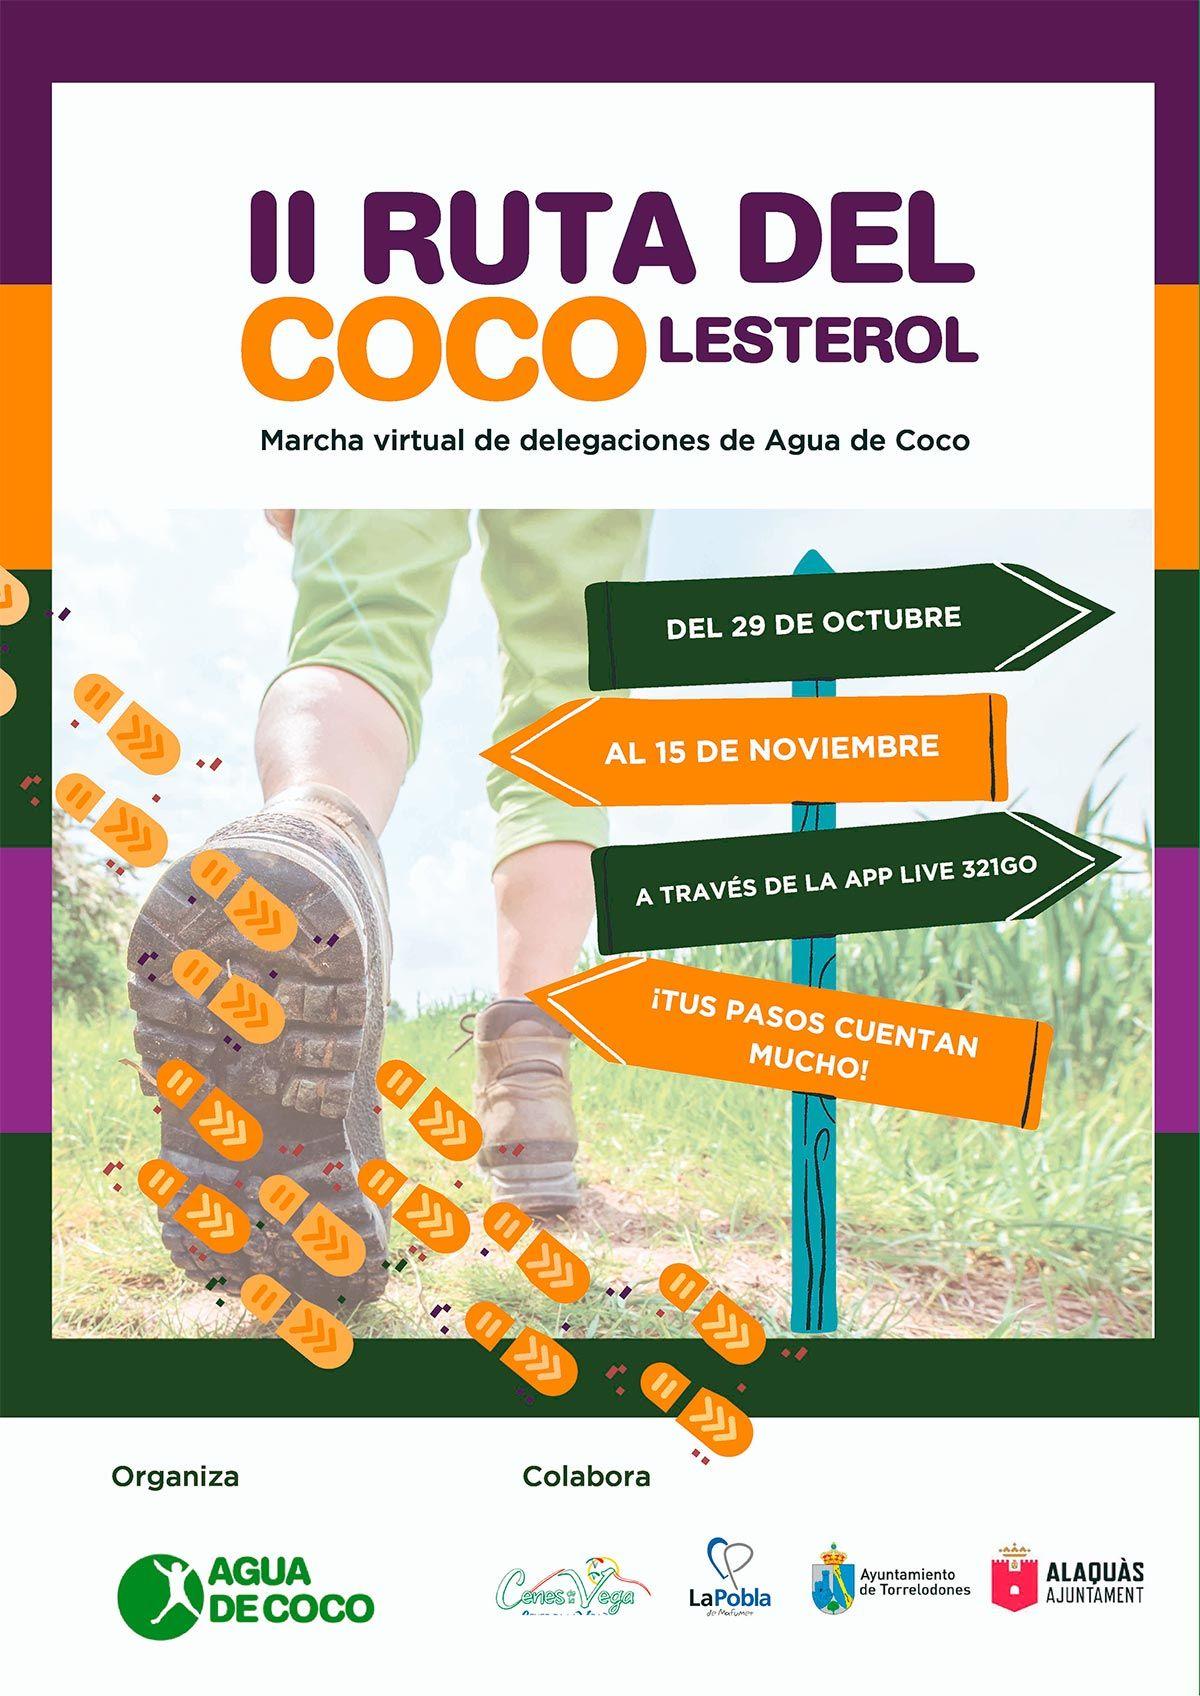 II Ruta del Coco-lesterol